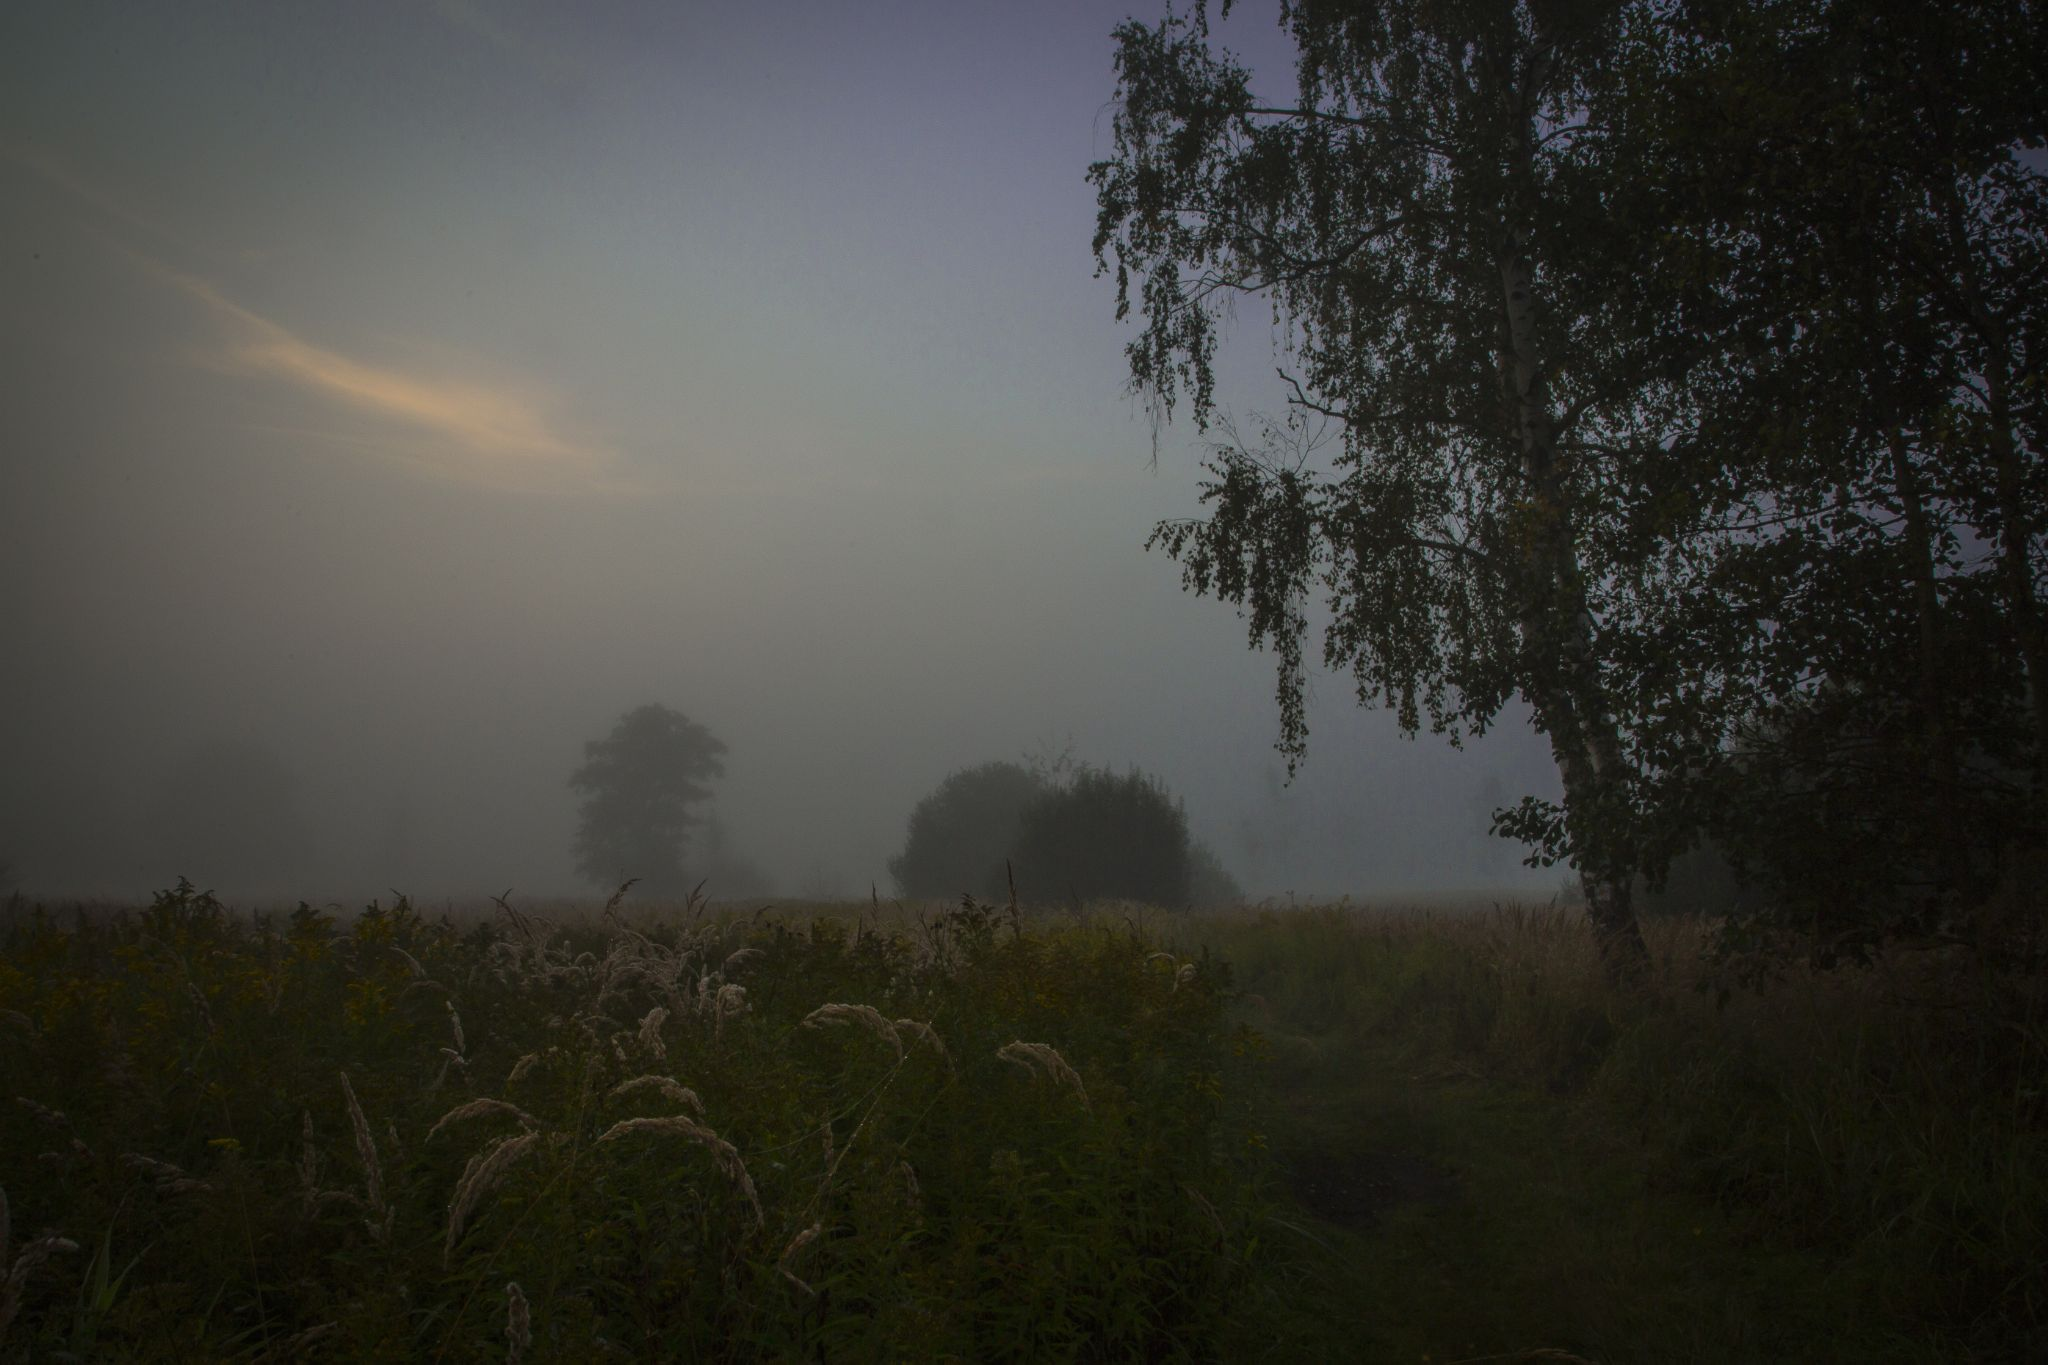 Waiting for the sun by Marcin Kołodziejczyk